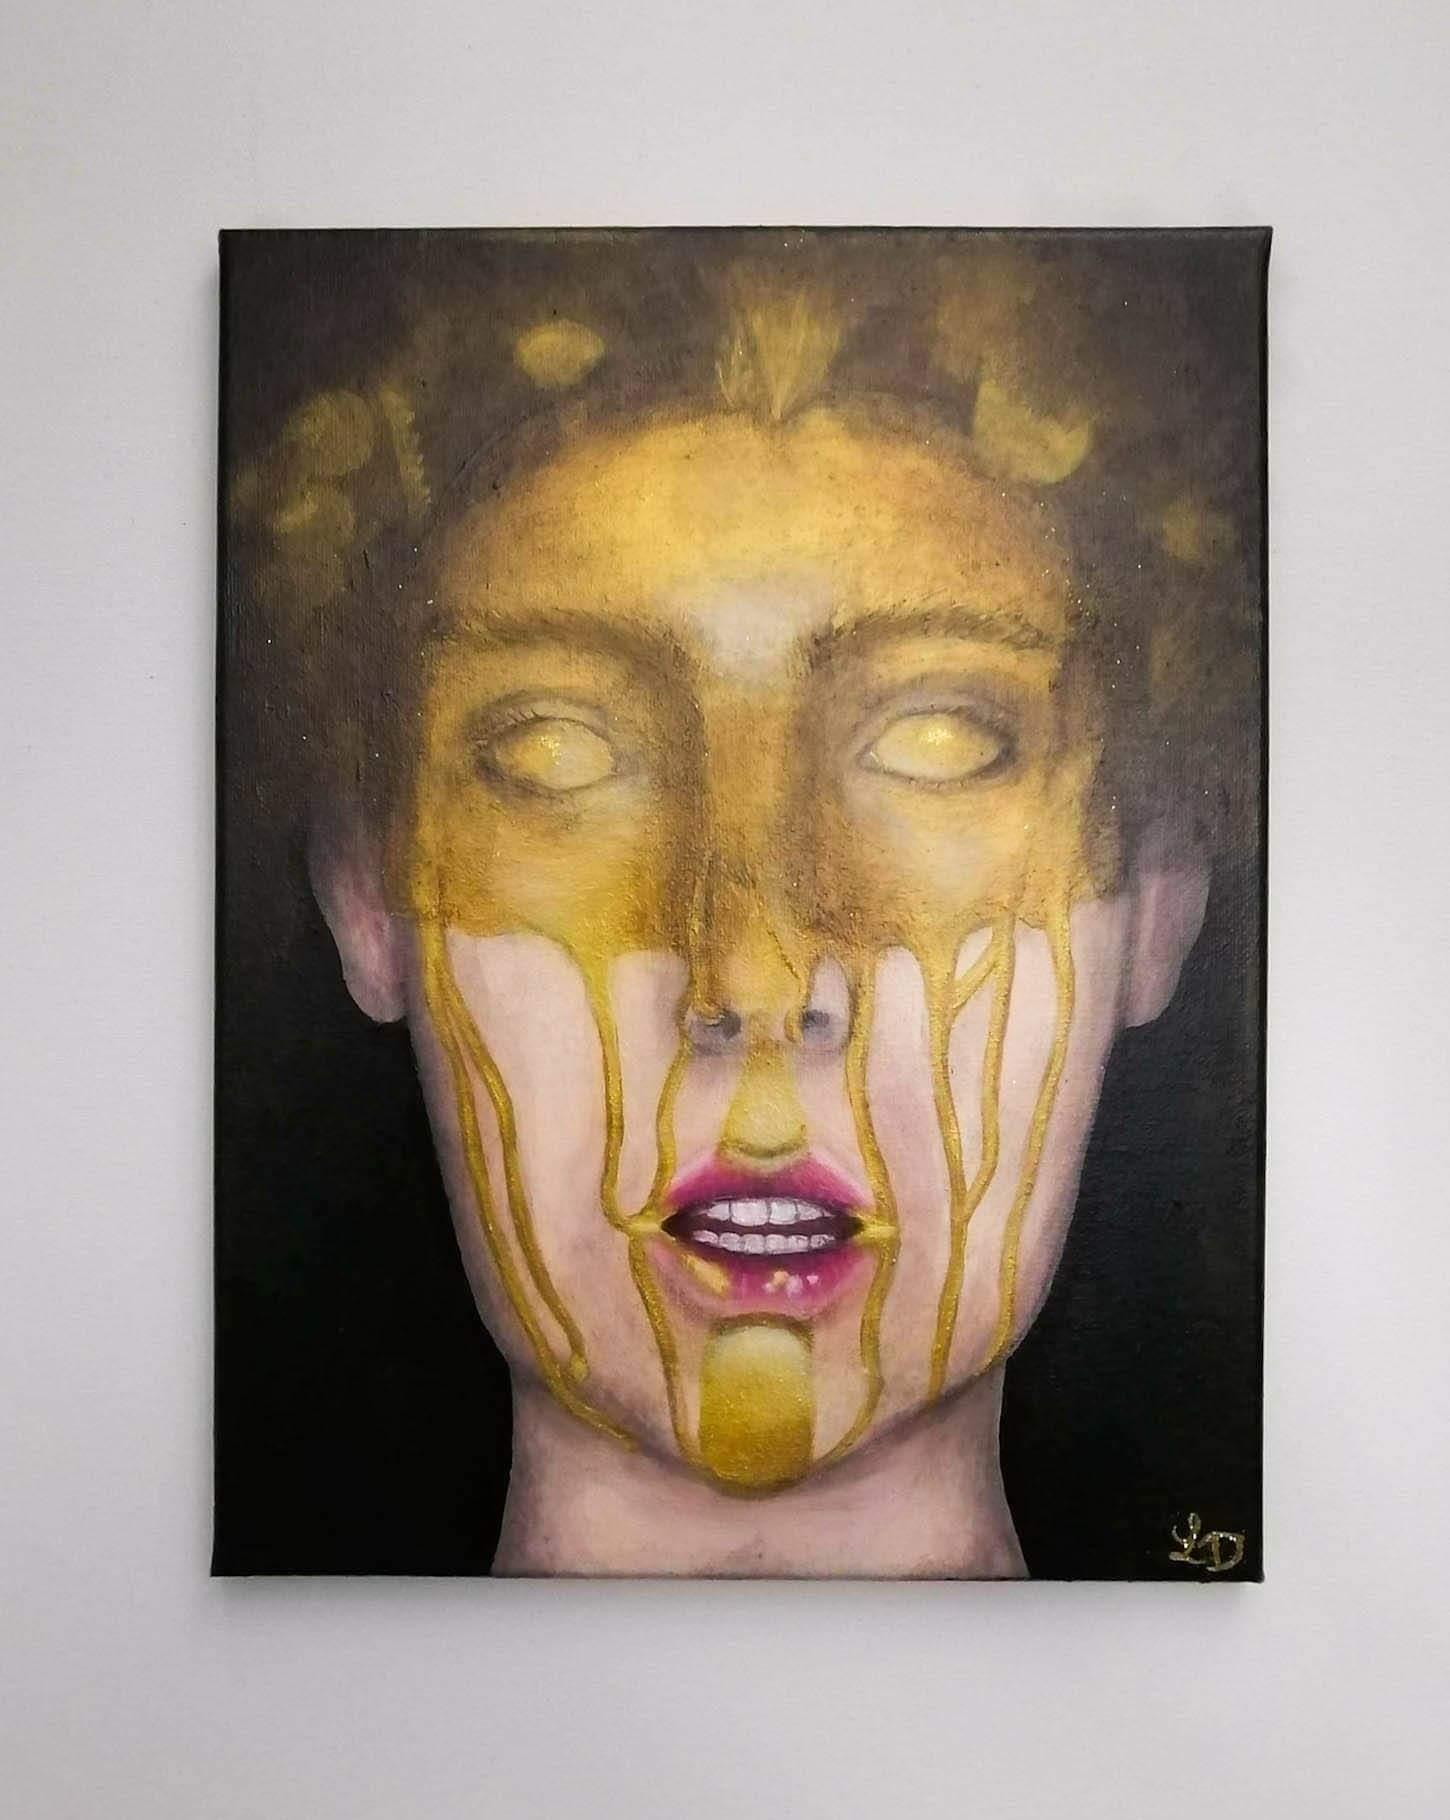 Greco doré lil diana masha